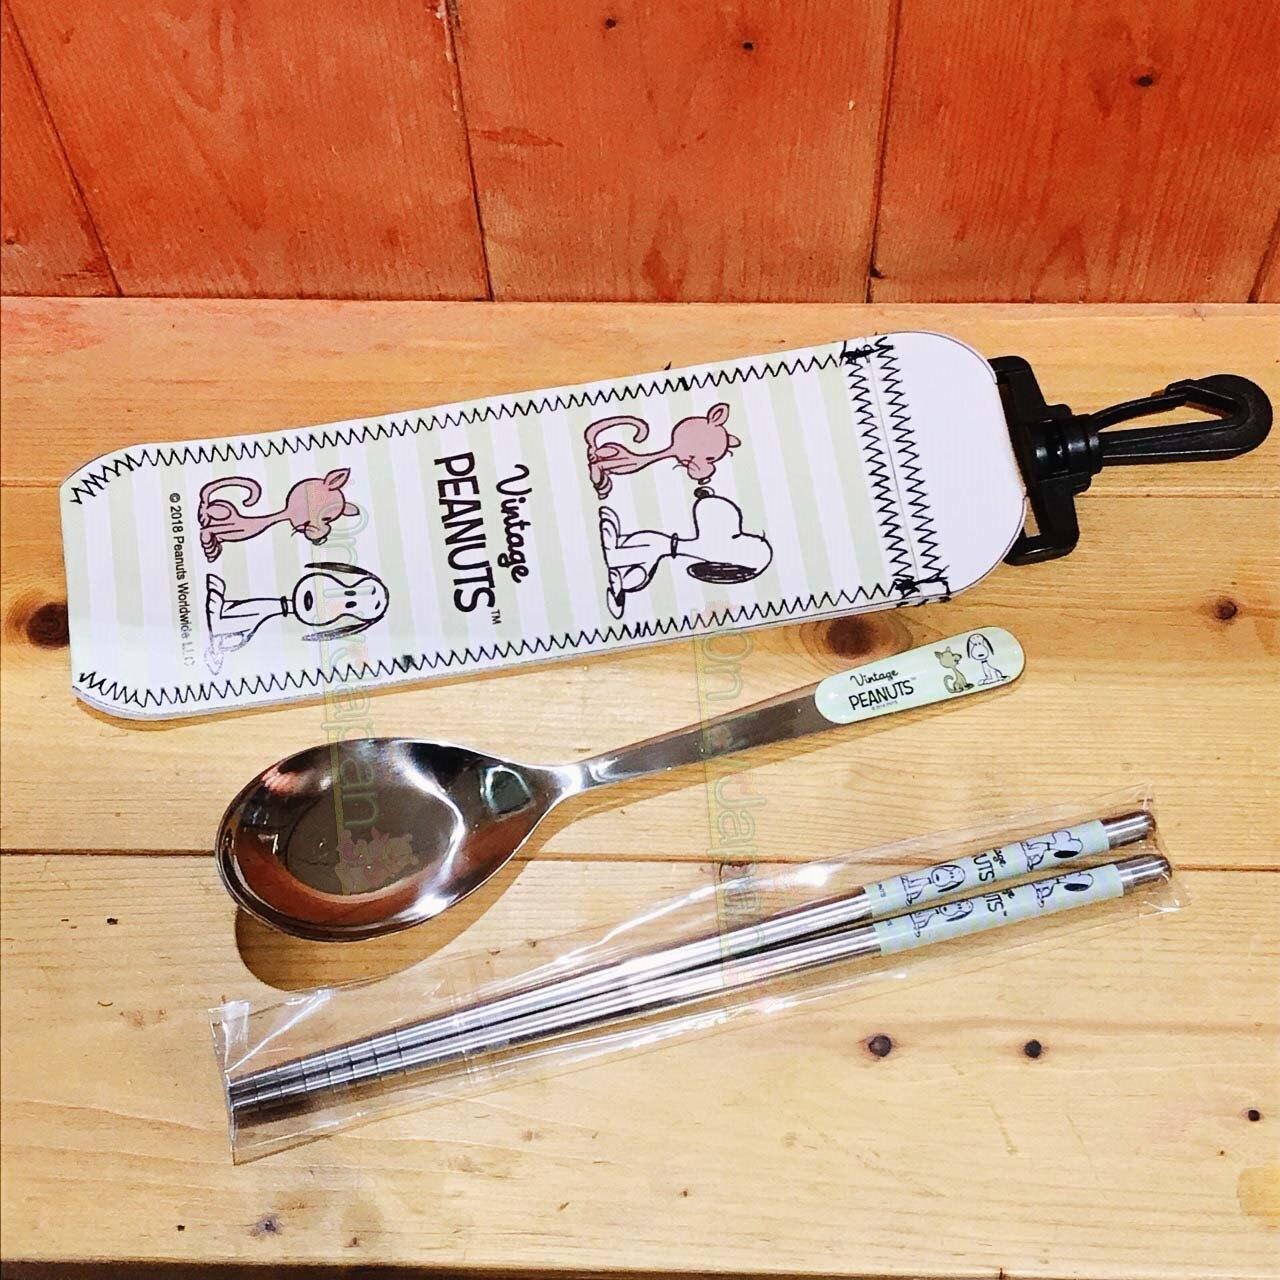 【真愛日本】19060100013 掛勾式皮套不鏽鋼湯筷組-SN親愛 史努比snoopy 筷子 湯匙 不鏽鋼餐具 環保餐具 環保筷